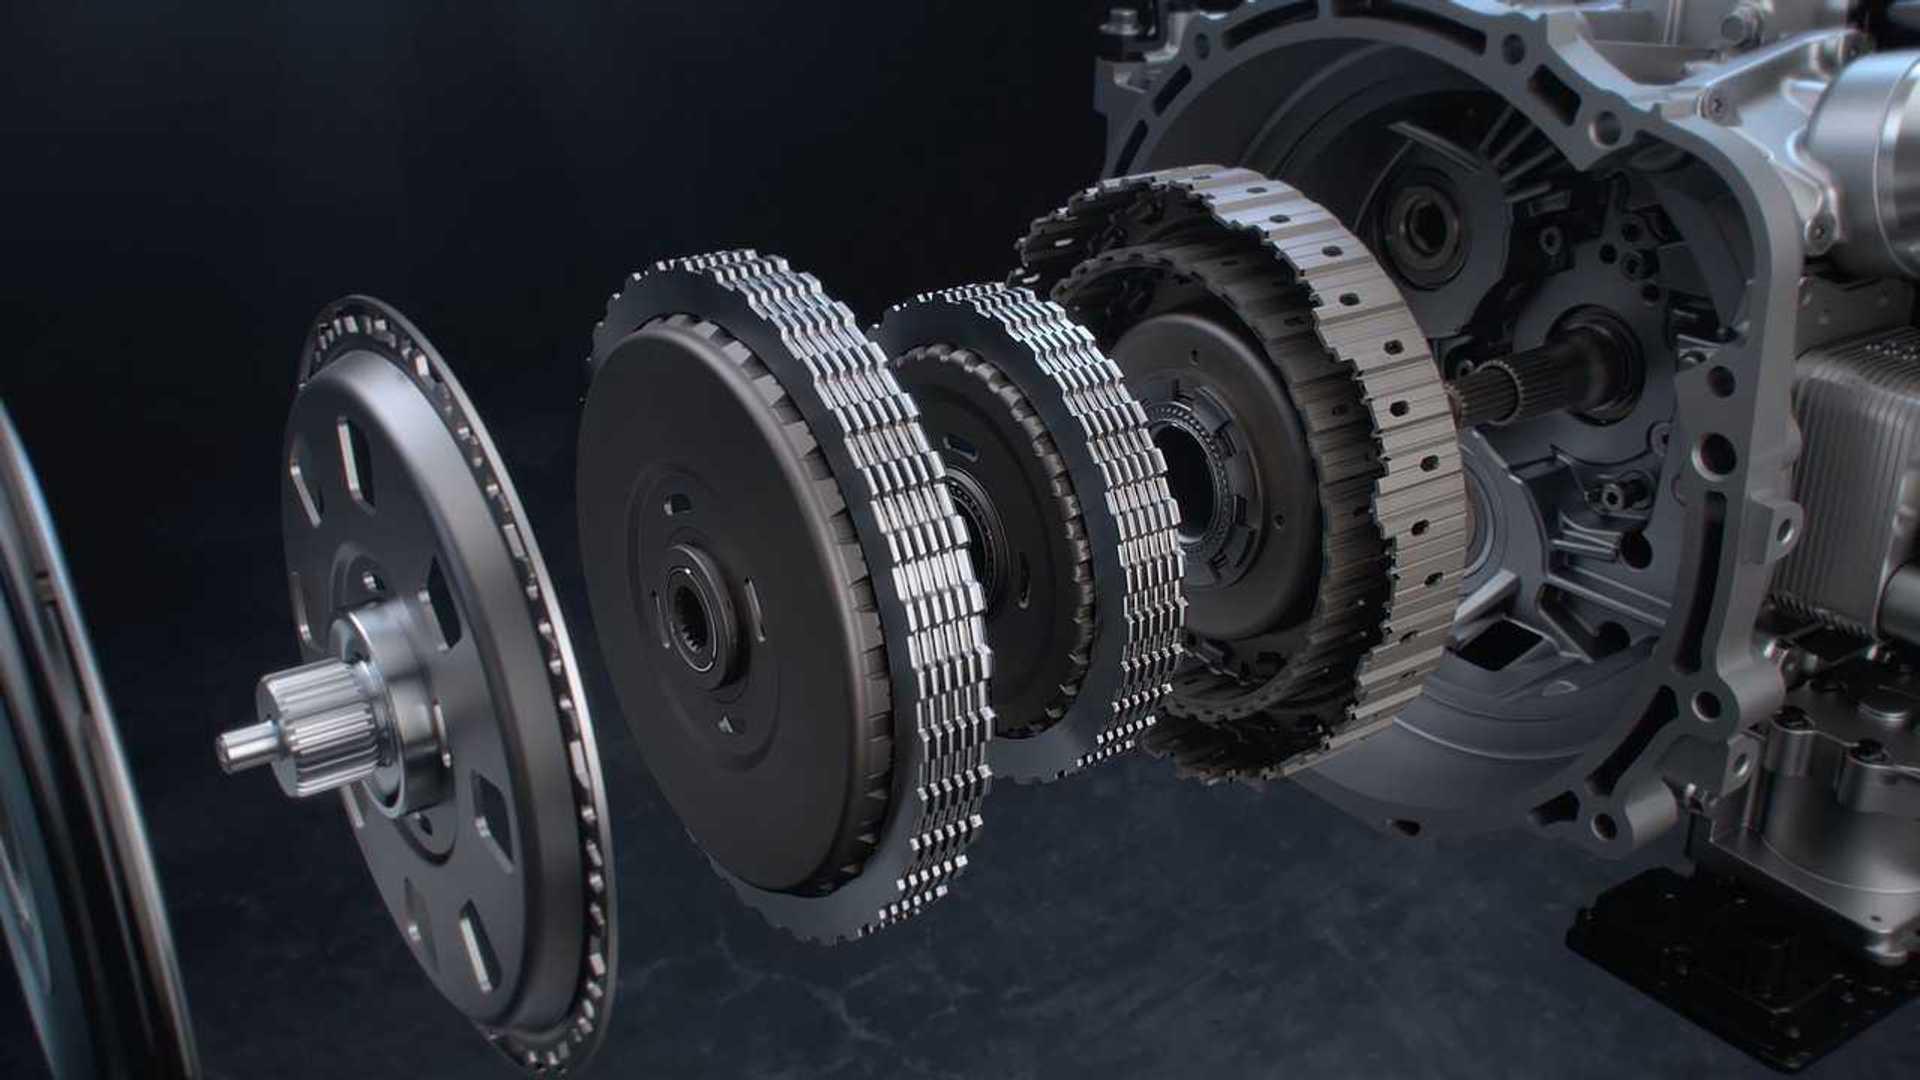 Hyundai Kona N Dual-Clutch Transmission Parts